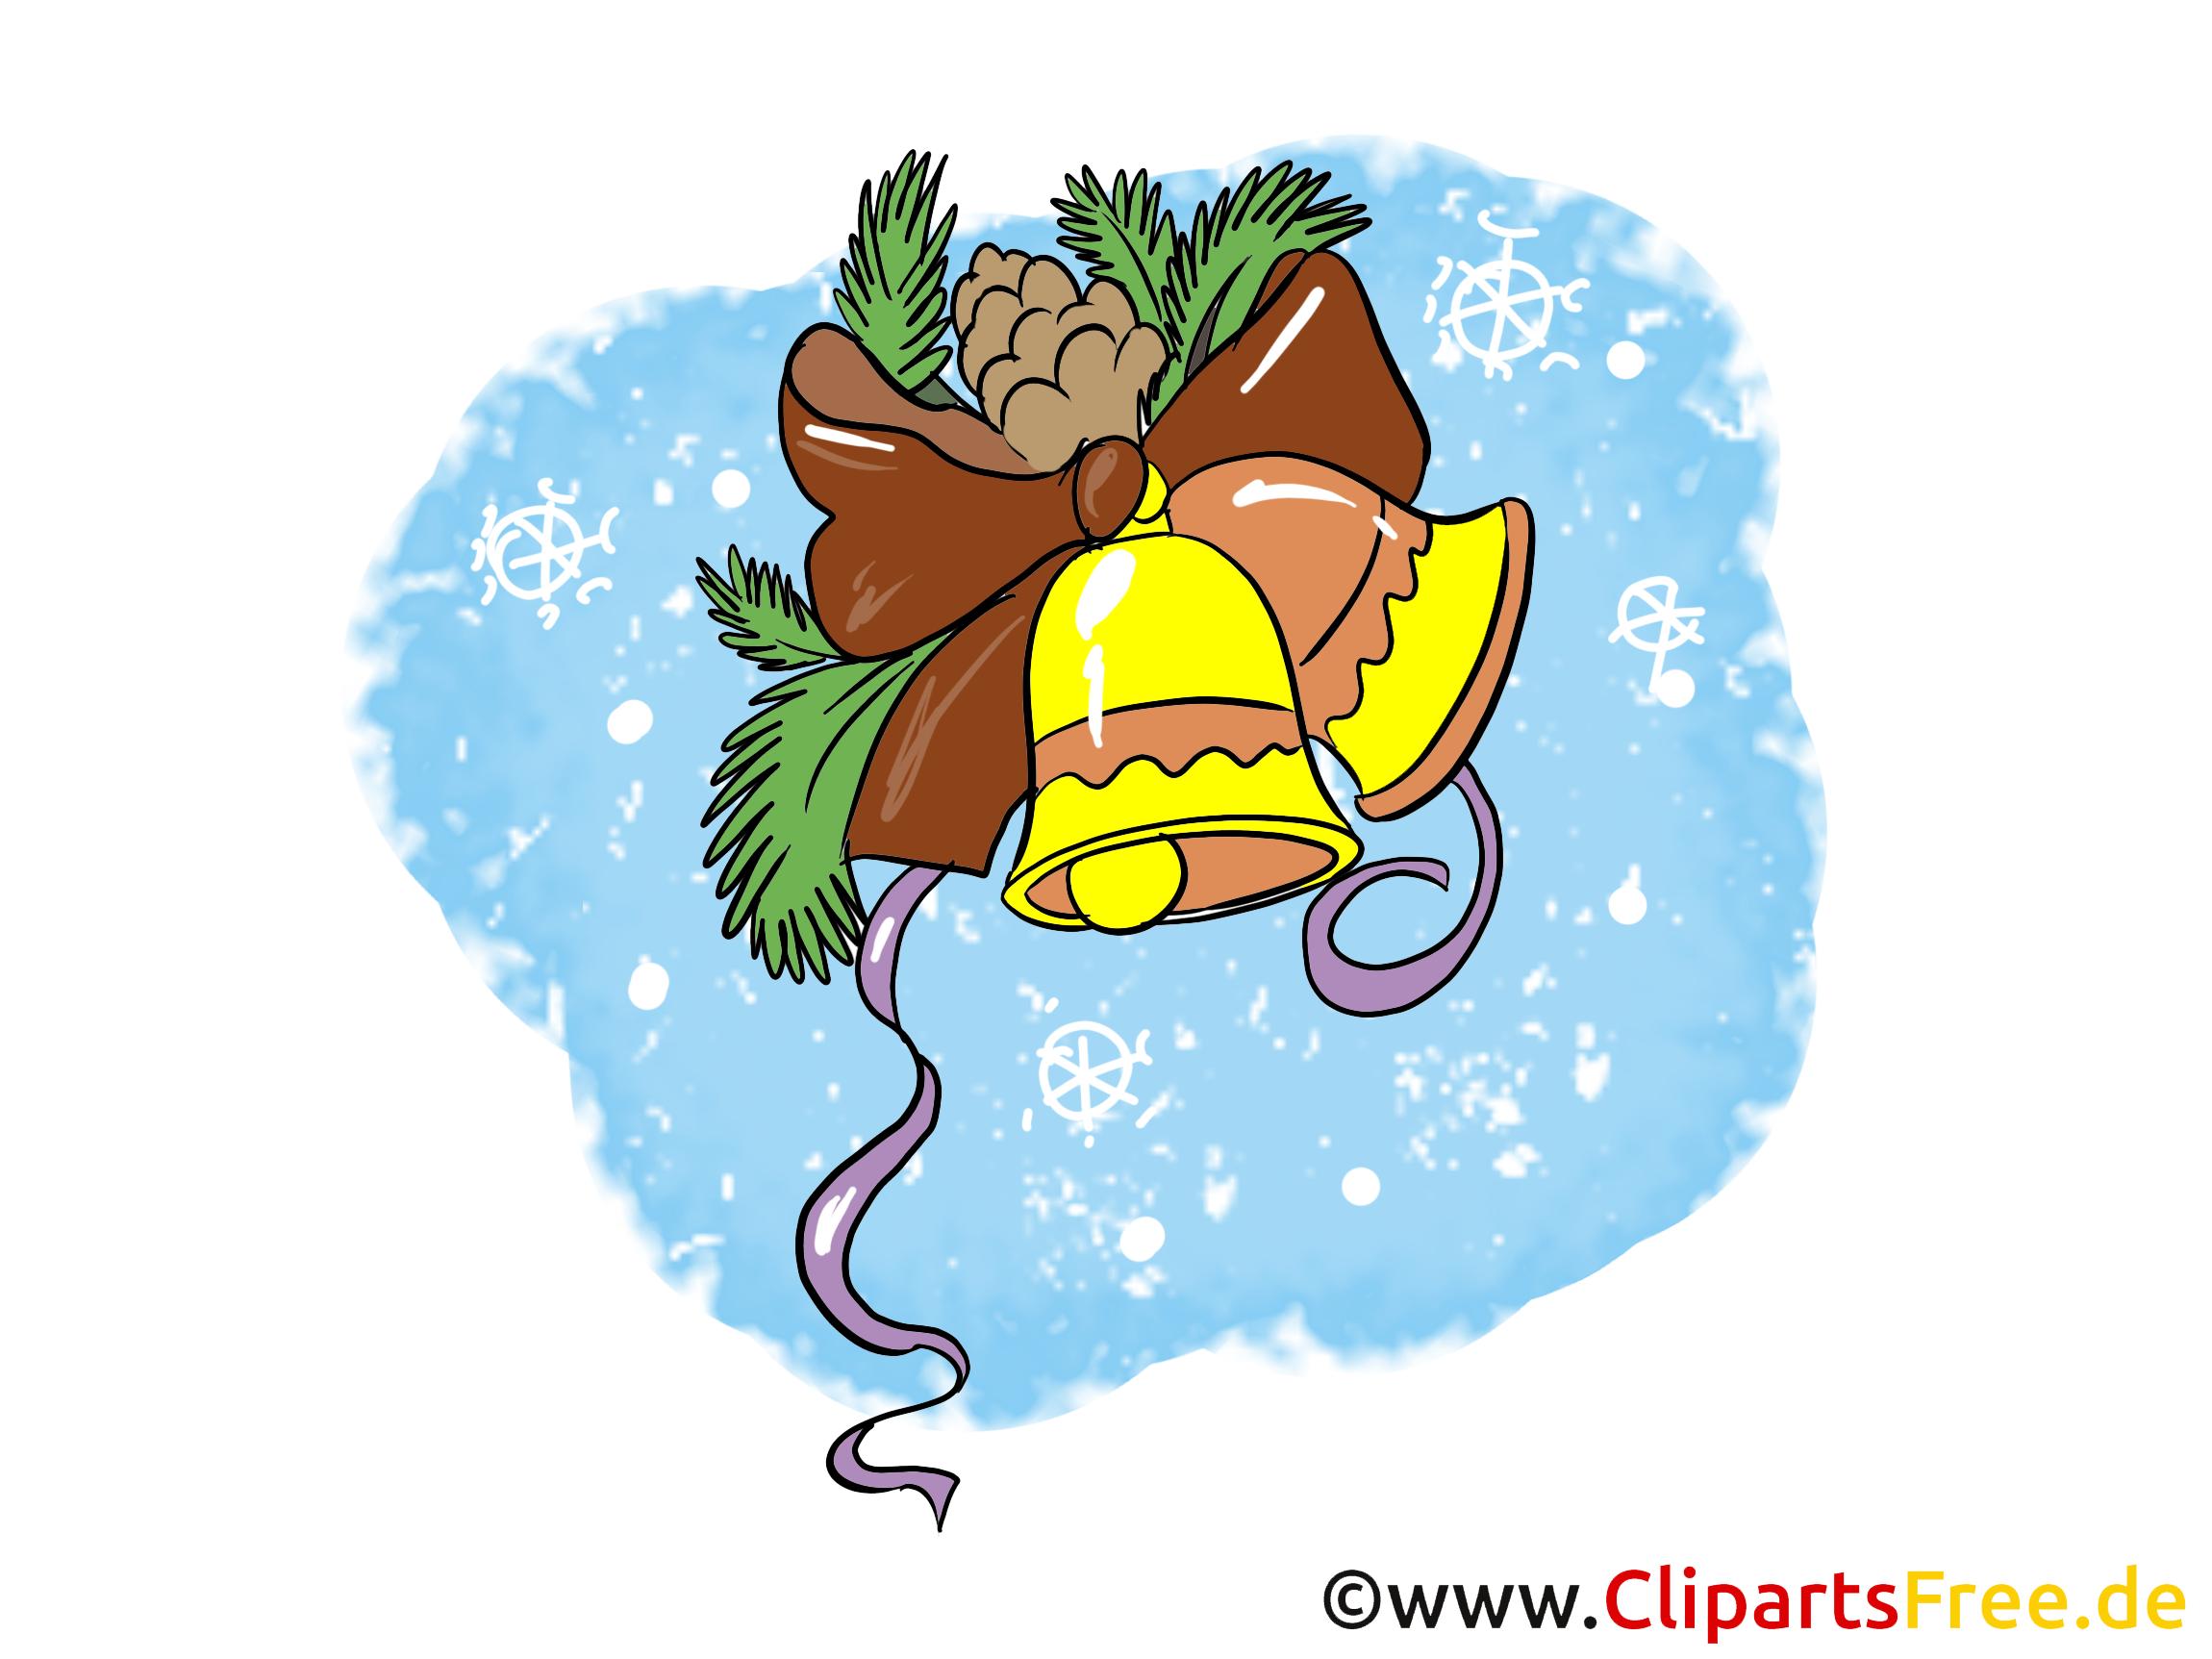 Neujahr Und Weihnachten Gloeckchen Clipart, Bild, Cartoon Gratis innen Cliparts Weihnachten Und Neujahr Kostenlos